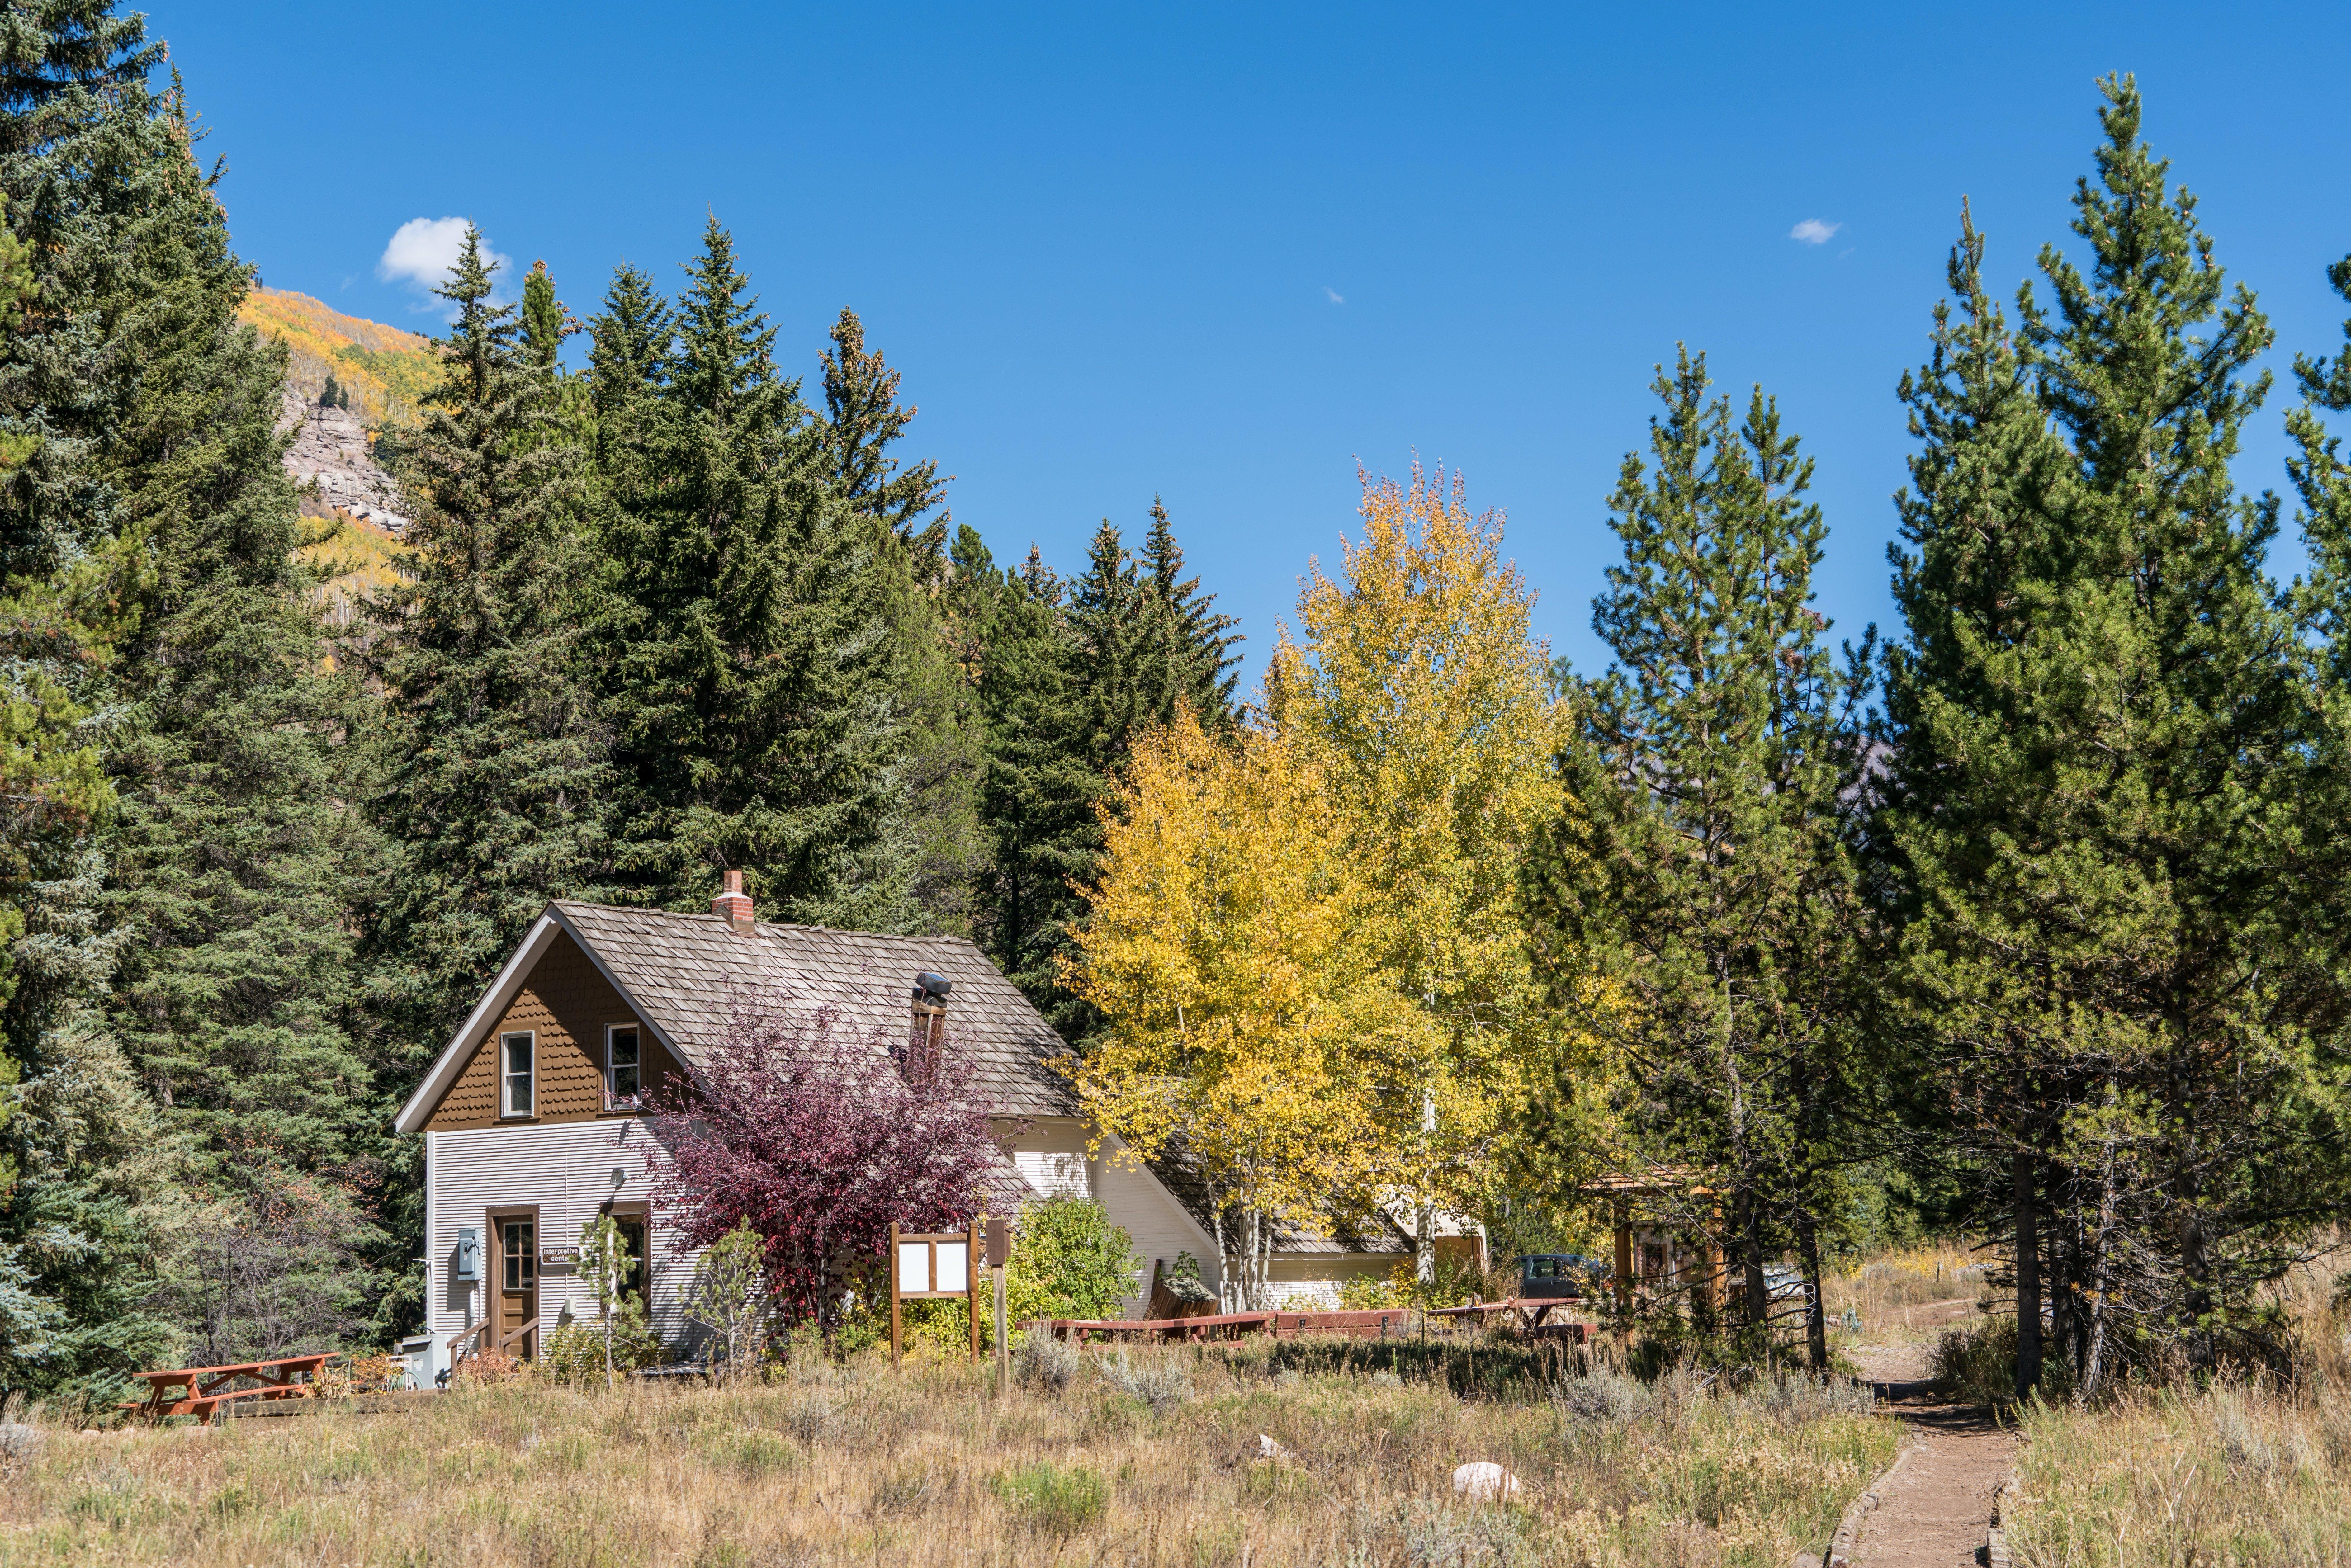 architecture, autumn, cabin